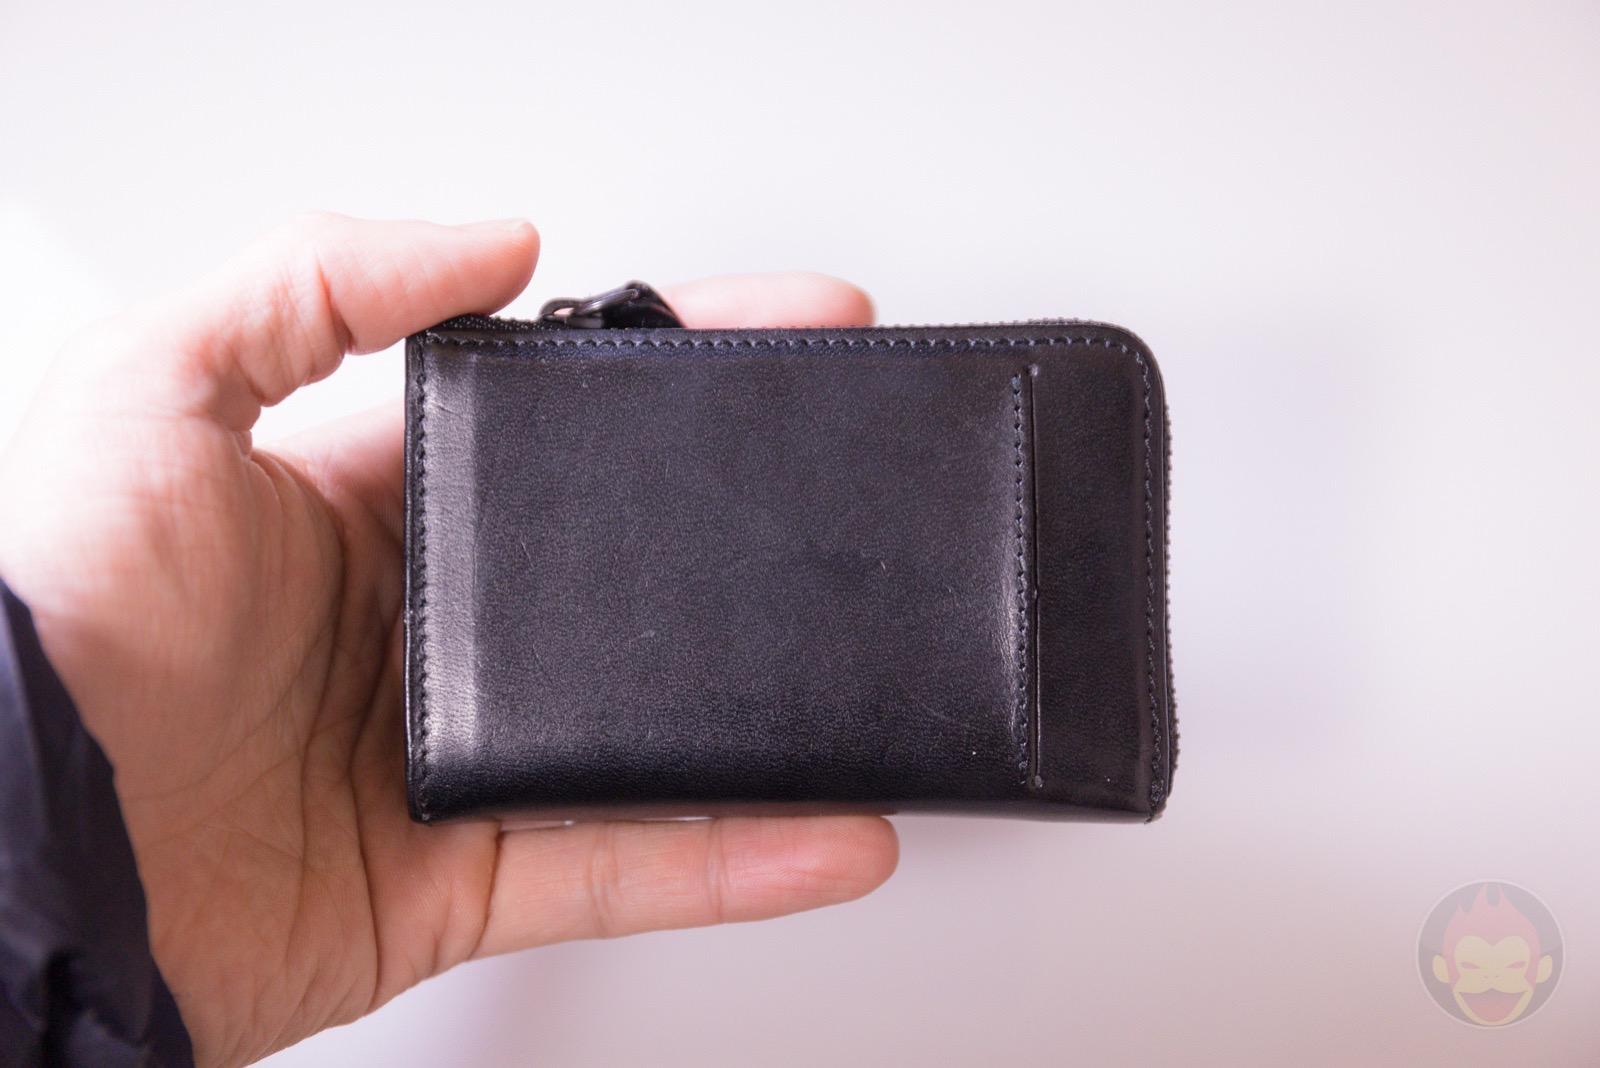 Tobalog-Presso-L-Wallet.jpg